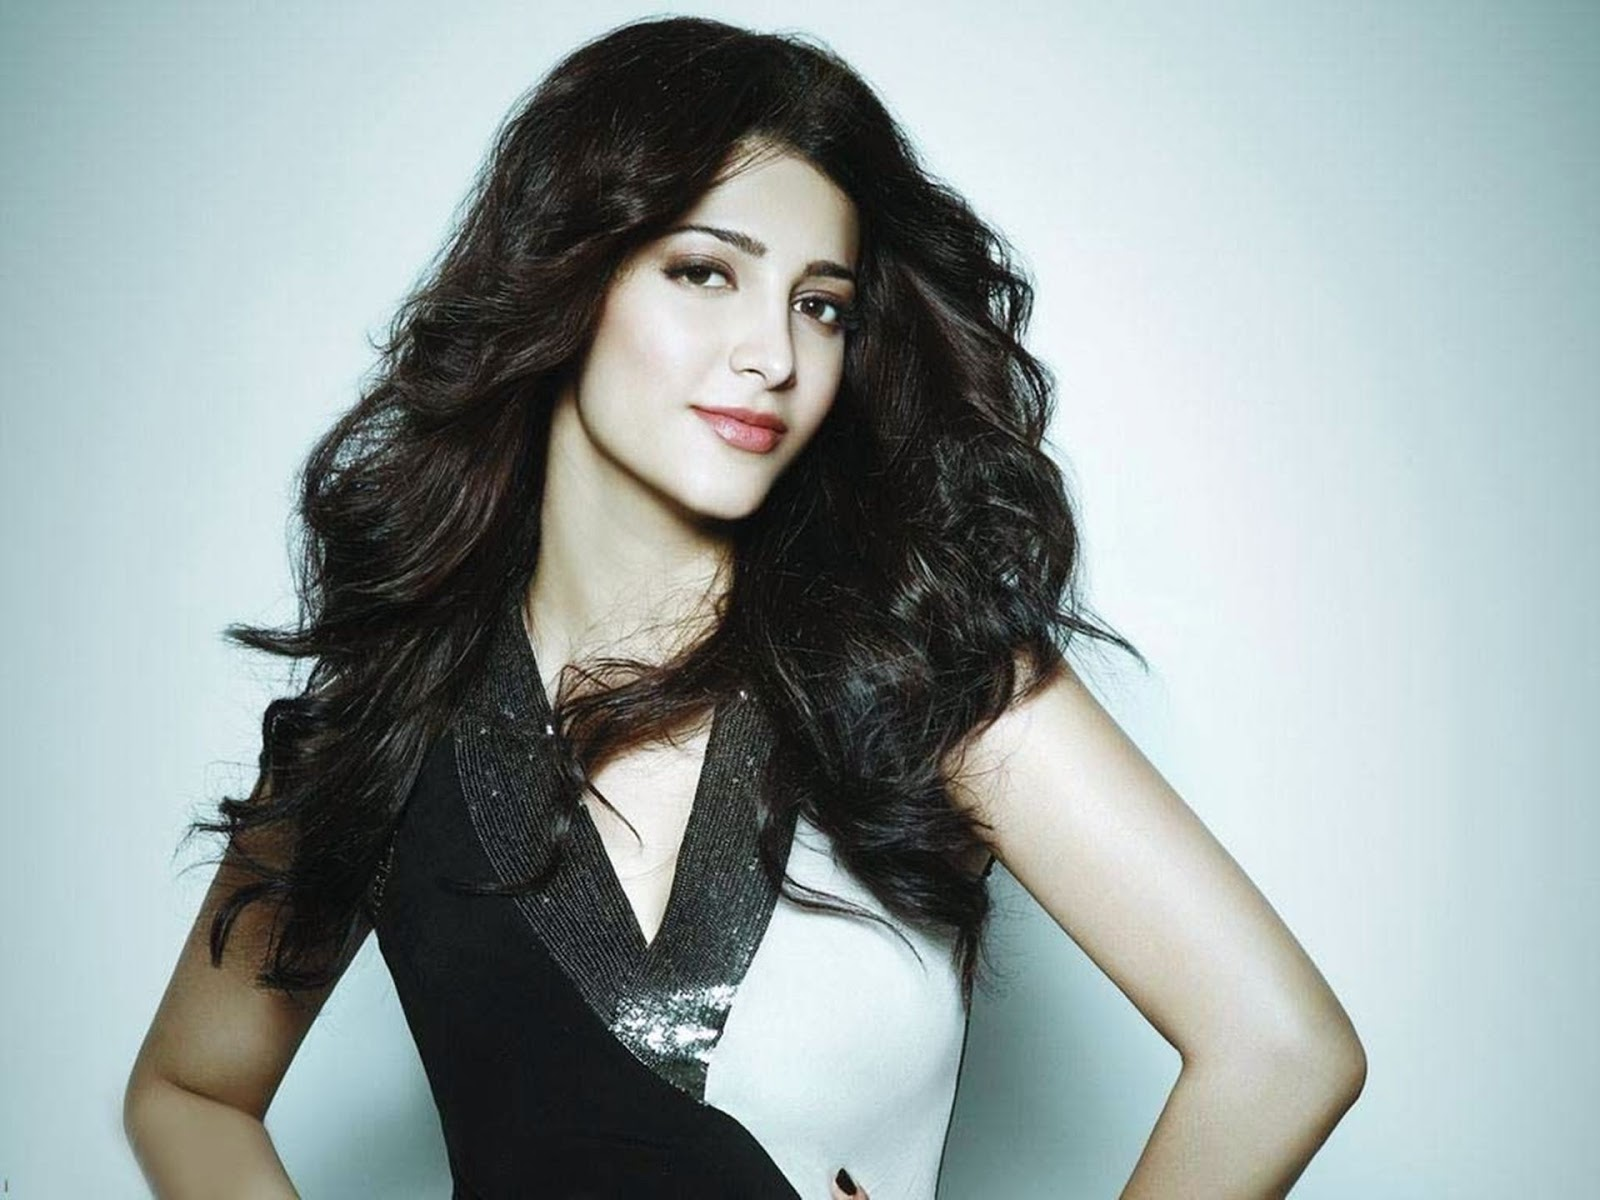 Bollywod And South Actress Shruti Haasan Hot Hd Wallpaper -4469